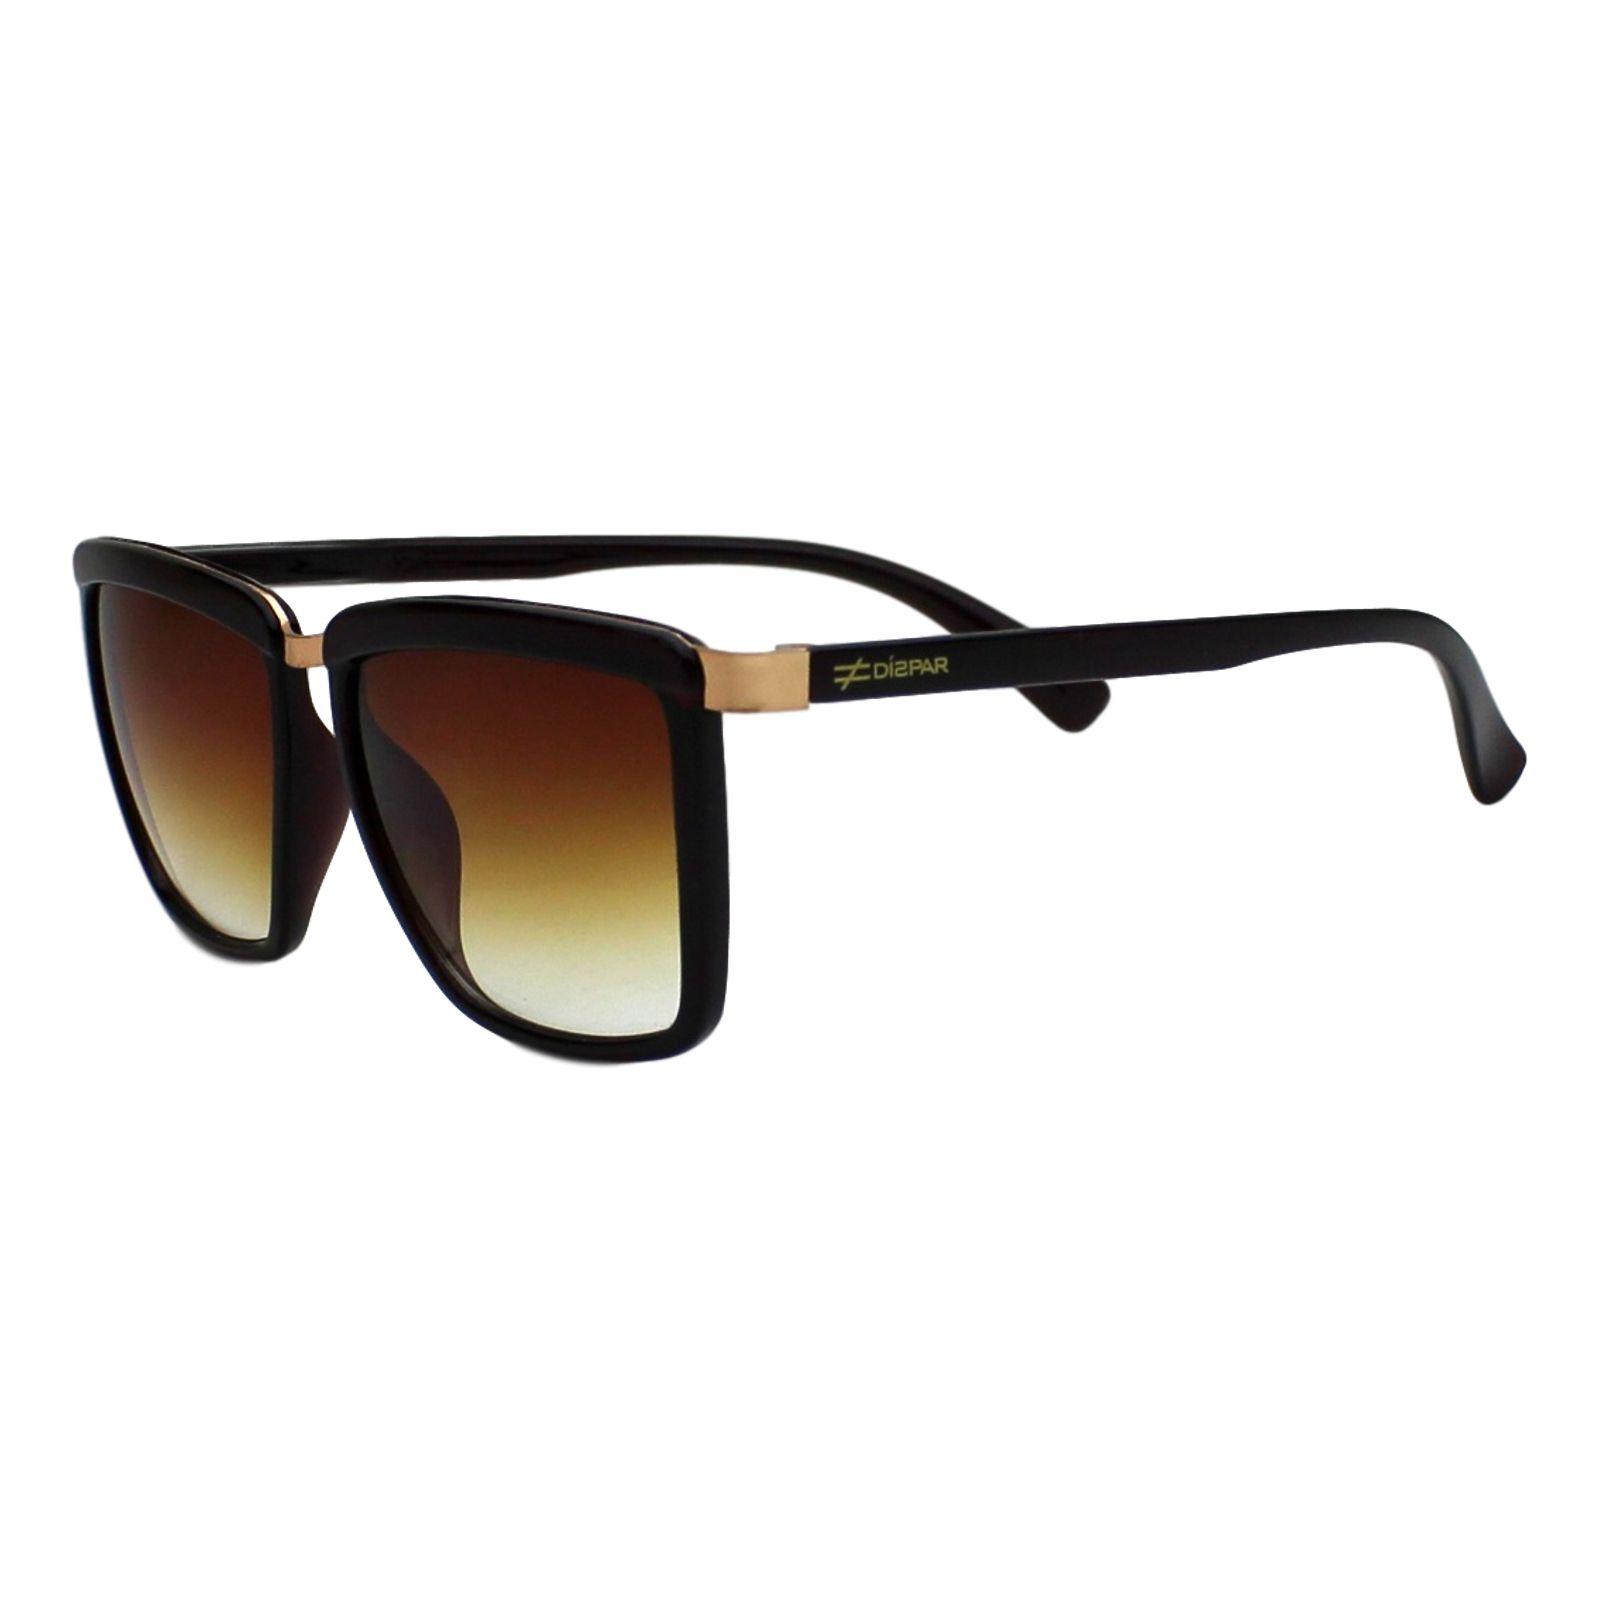 07c903376010a Óculos De Sol Díspar D1900 Marrom